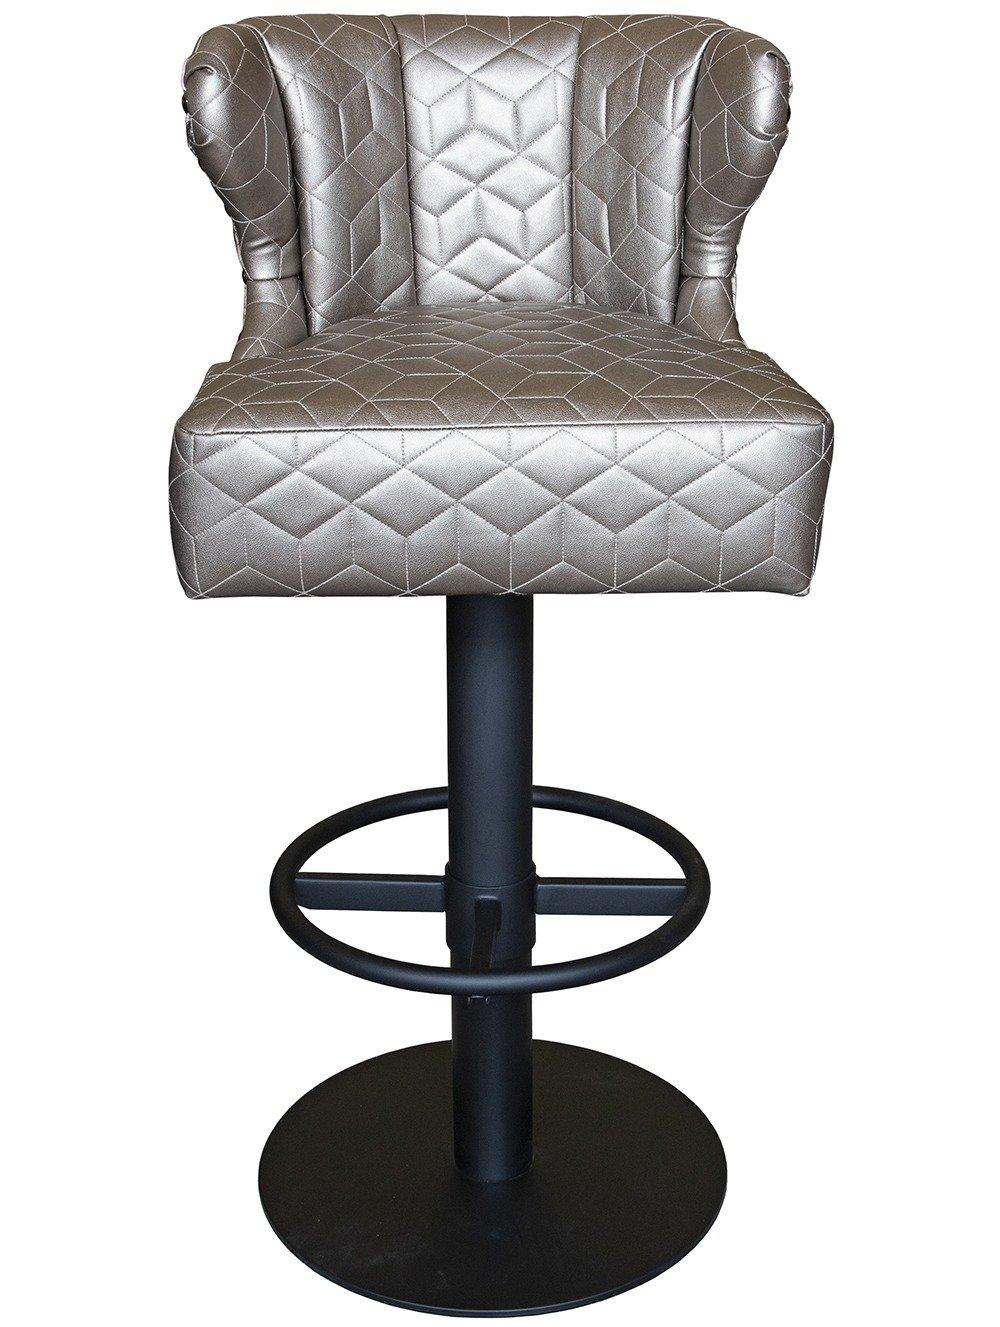 Tilley High stool